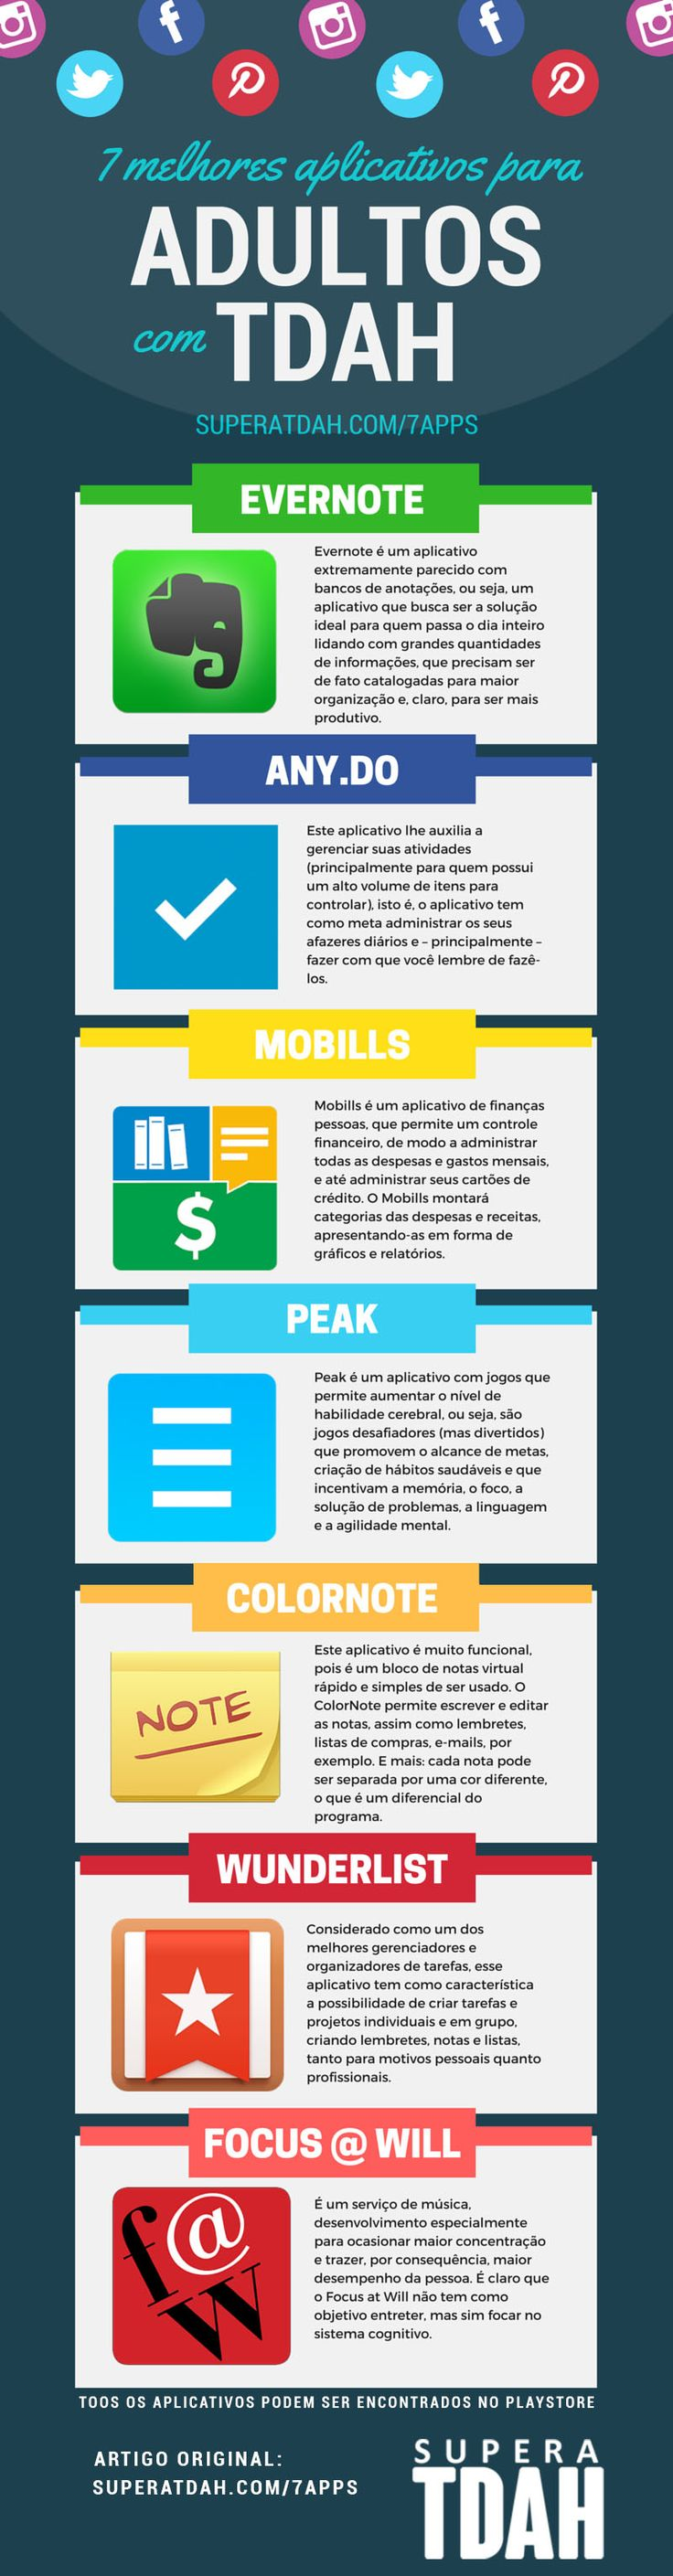 Infográfico: 7 melhores aplicativos android para adultos com TDAH